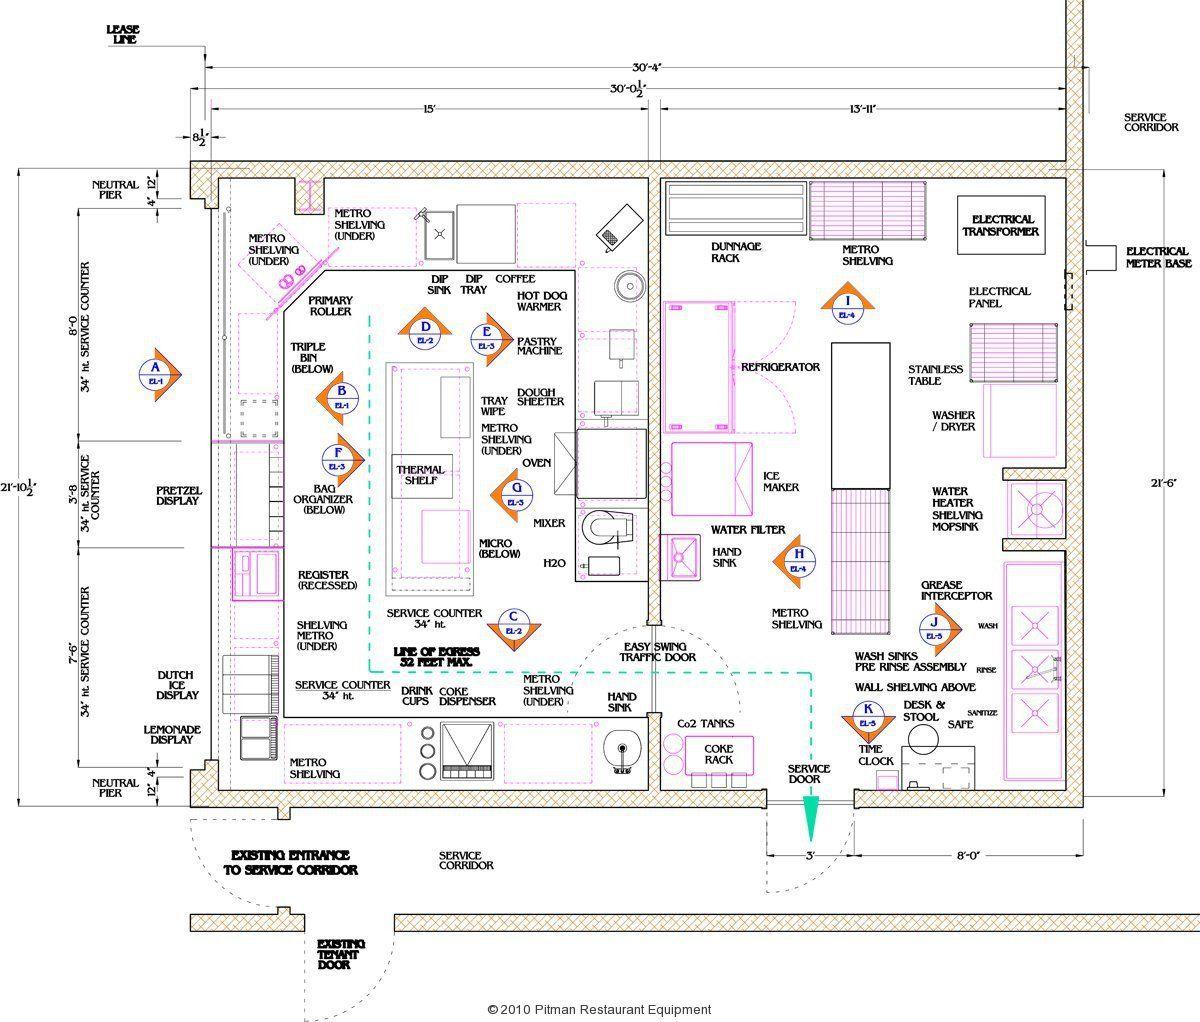 commercial kitchen design commercial kitchen design dream house experience kitchen design kitchen floor plans